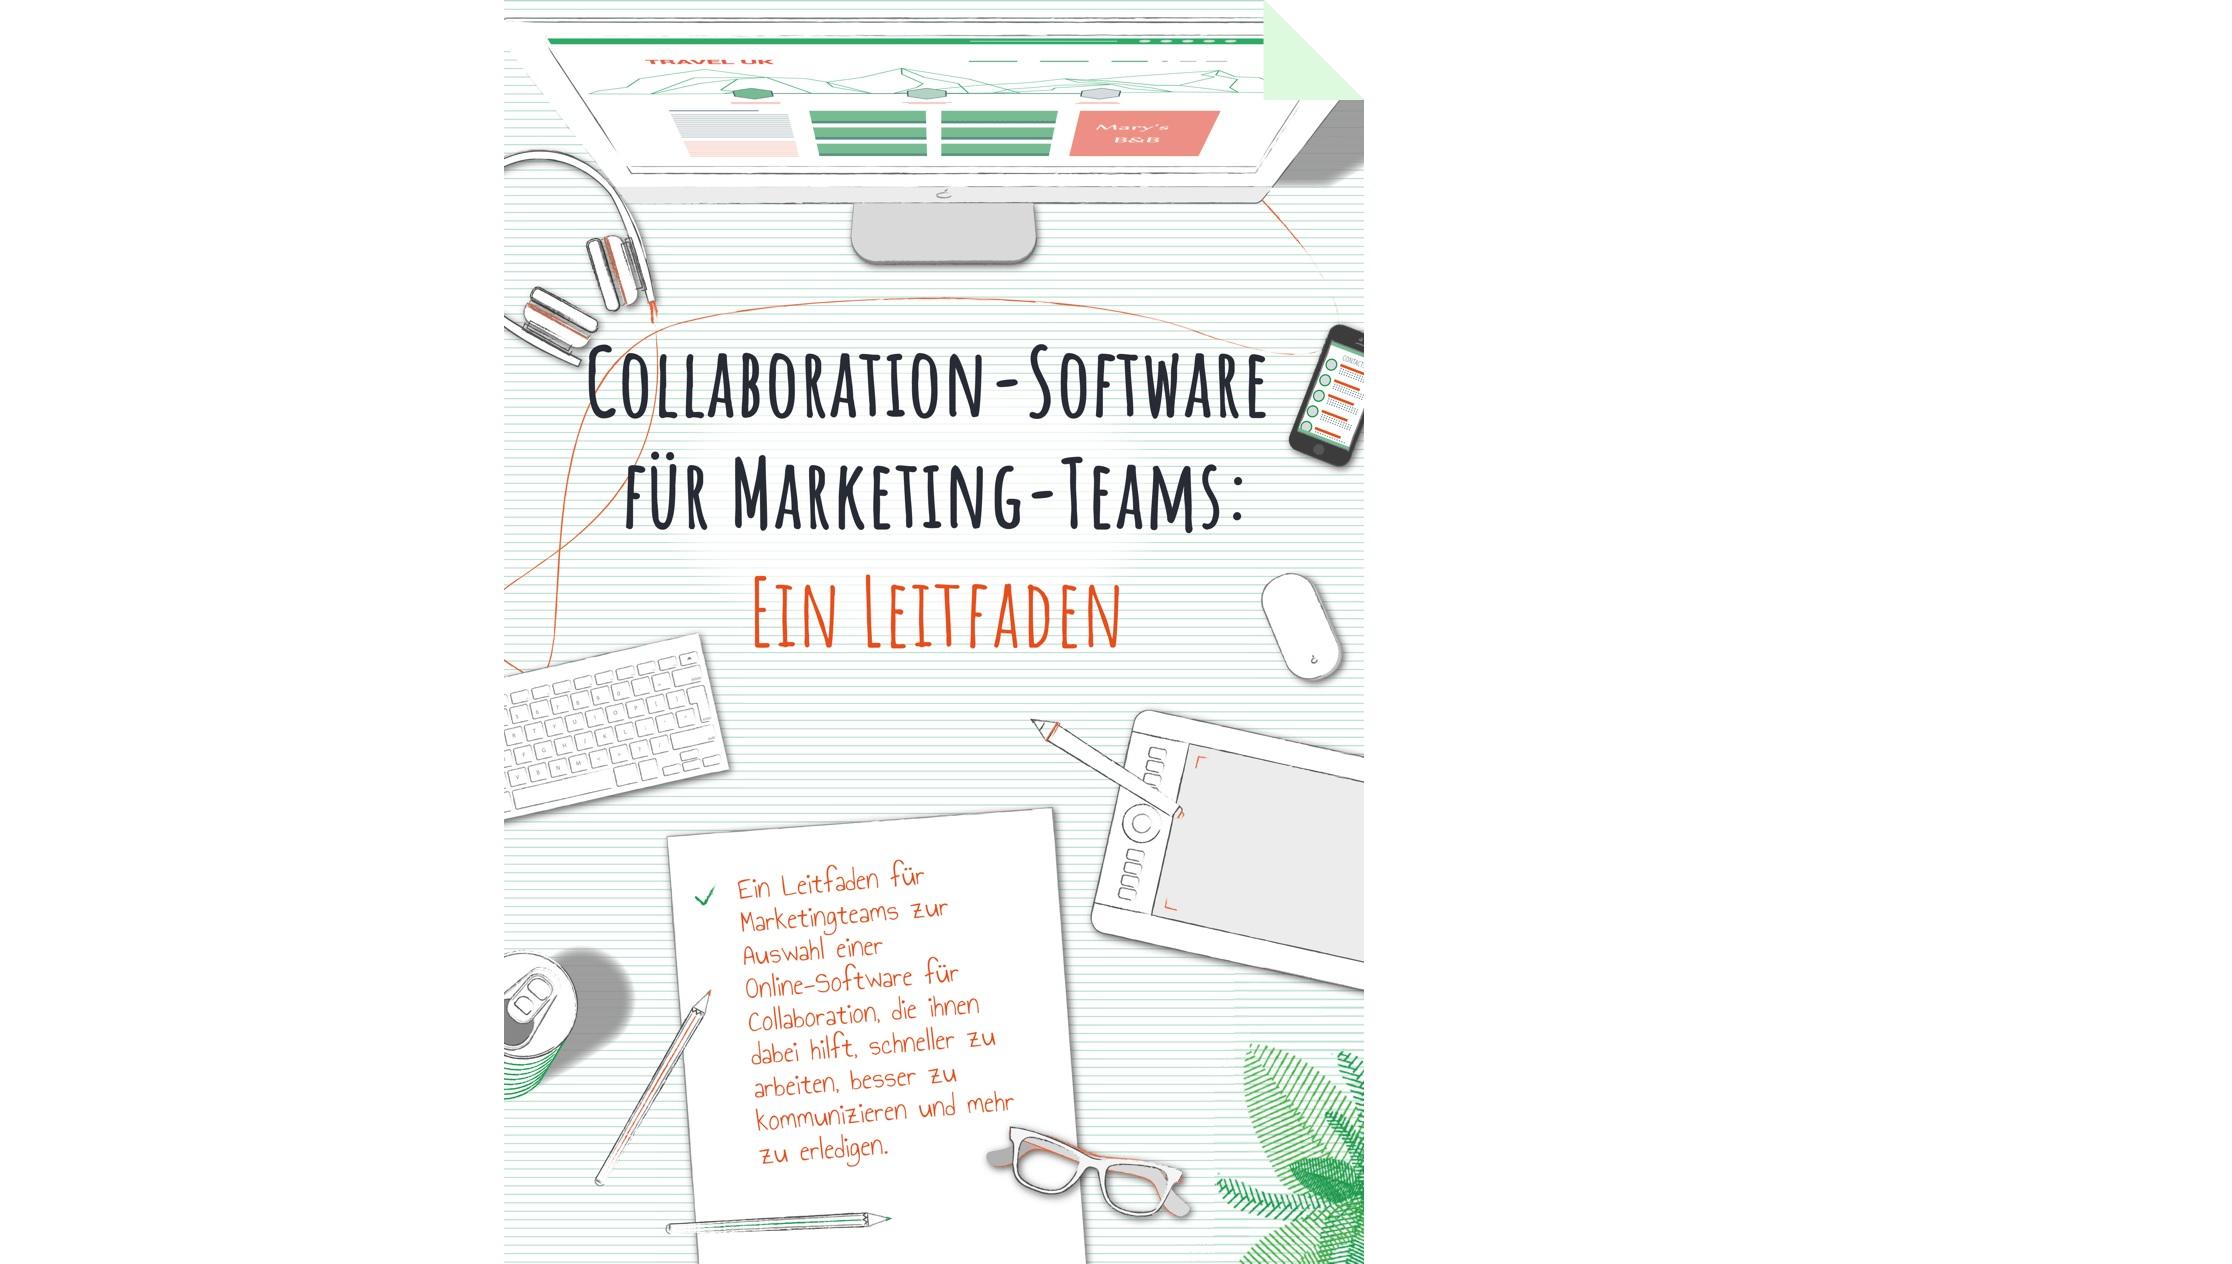 Collaboration-Software für Marketing-Teams: Ein Leitfaden